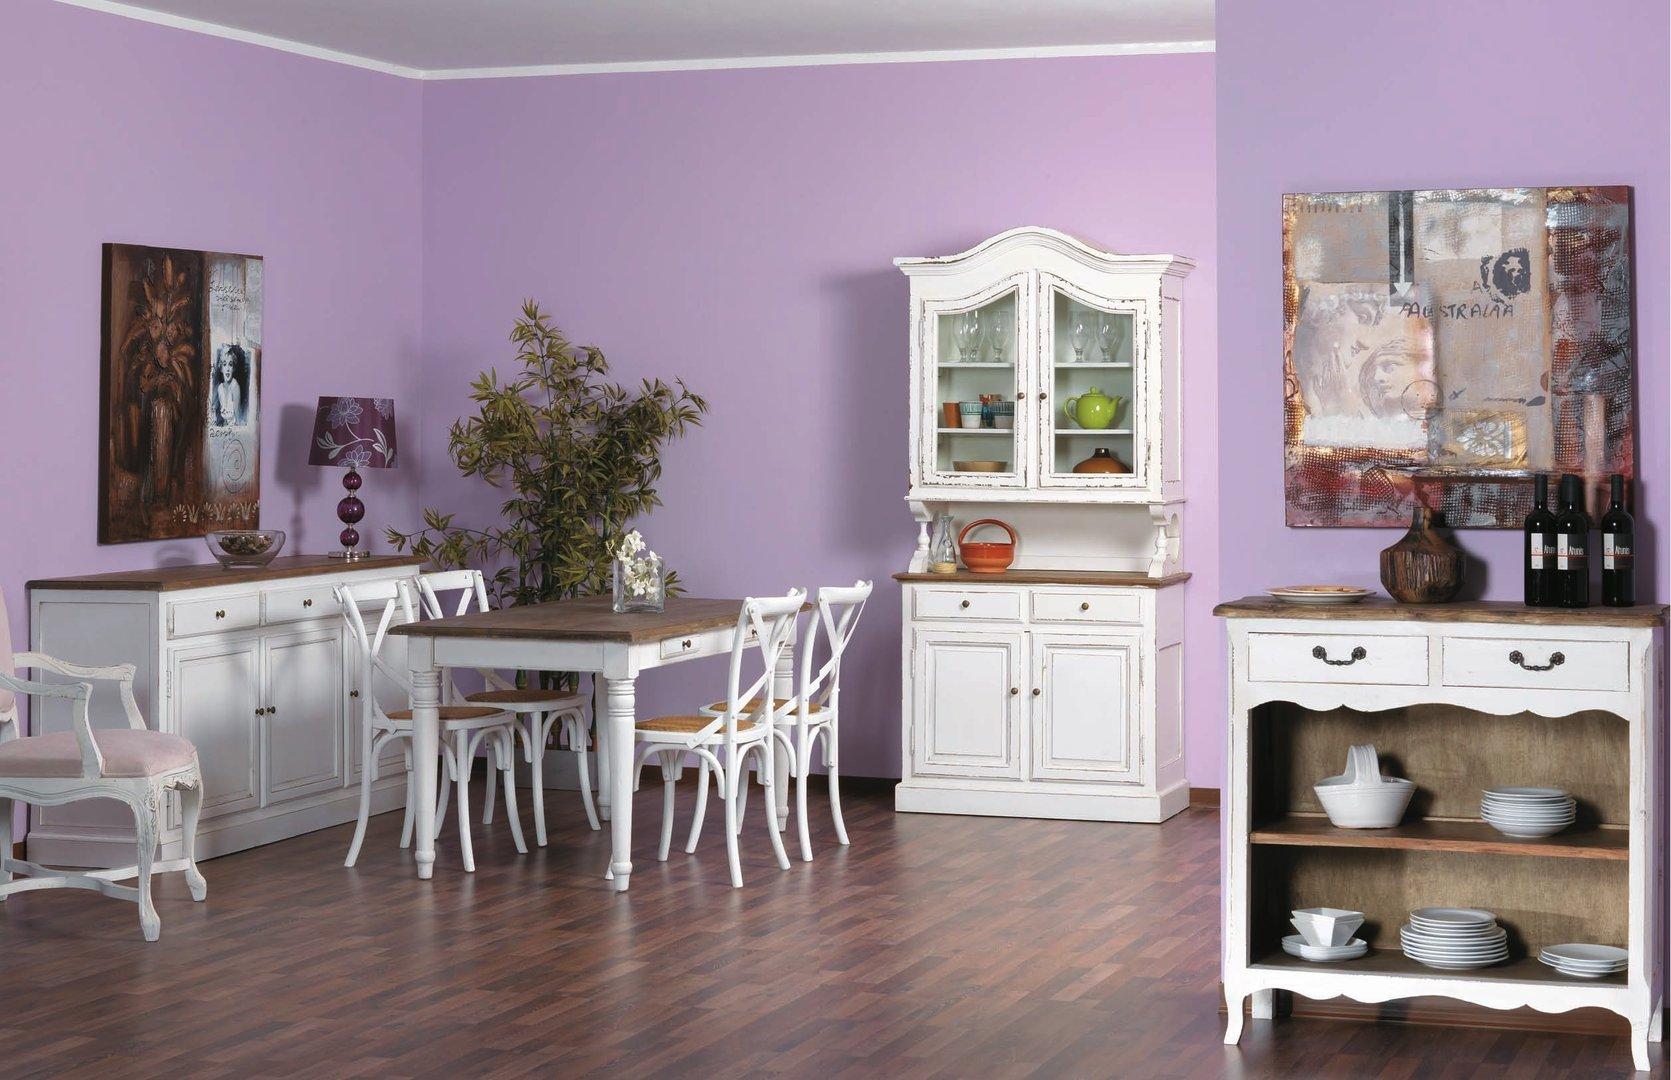 Vetrina provenzale legno bianco librerie shabby chic for Bianco e dintorni arredamento provenzale